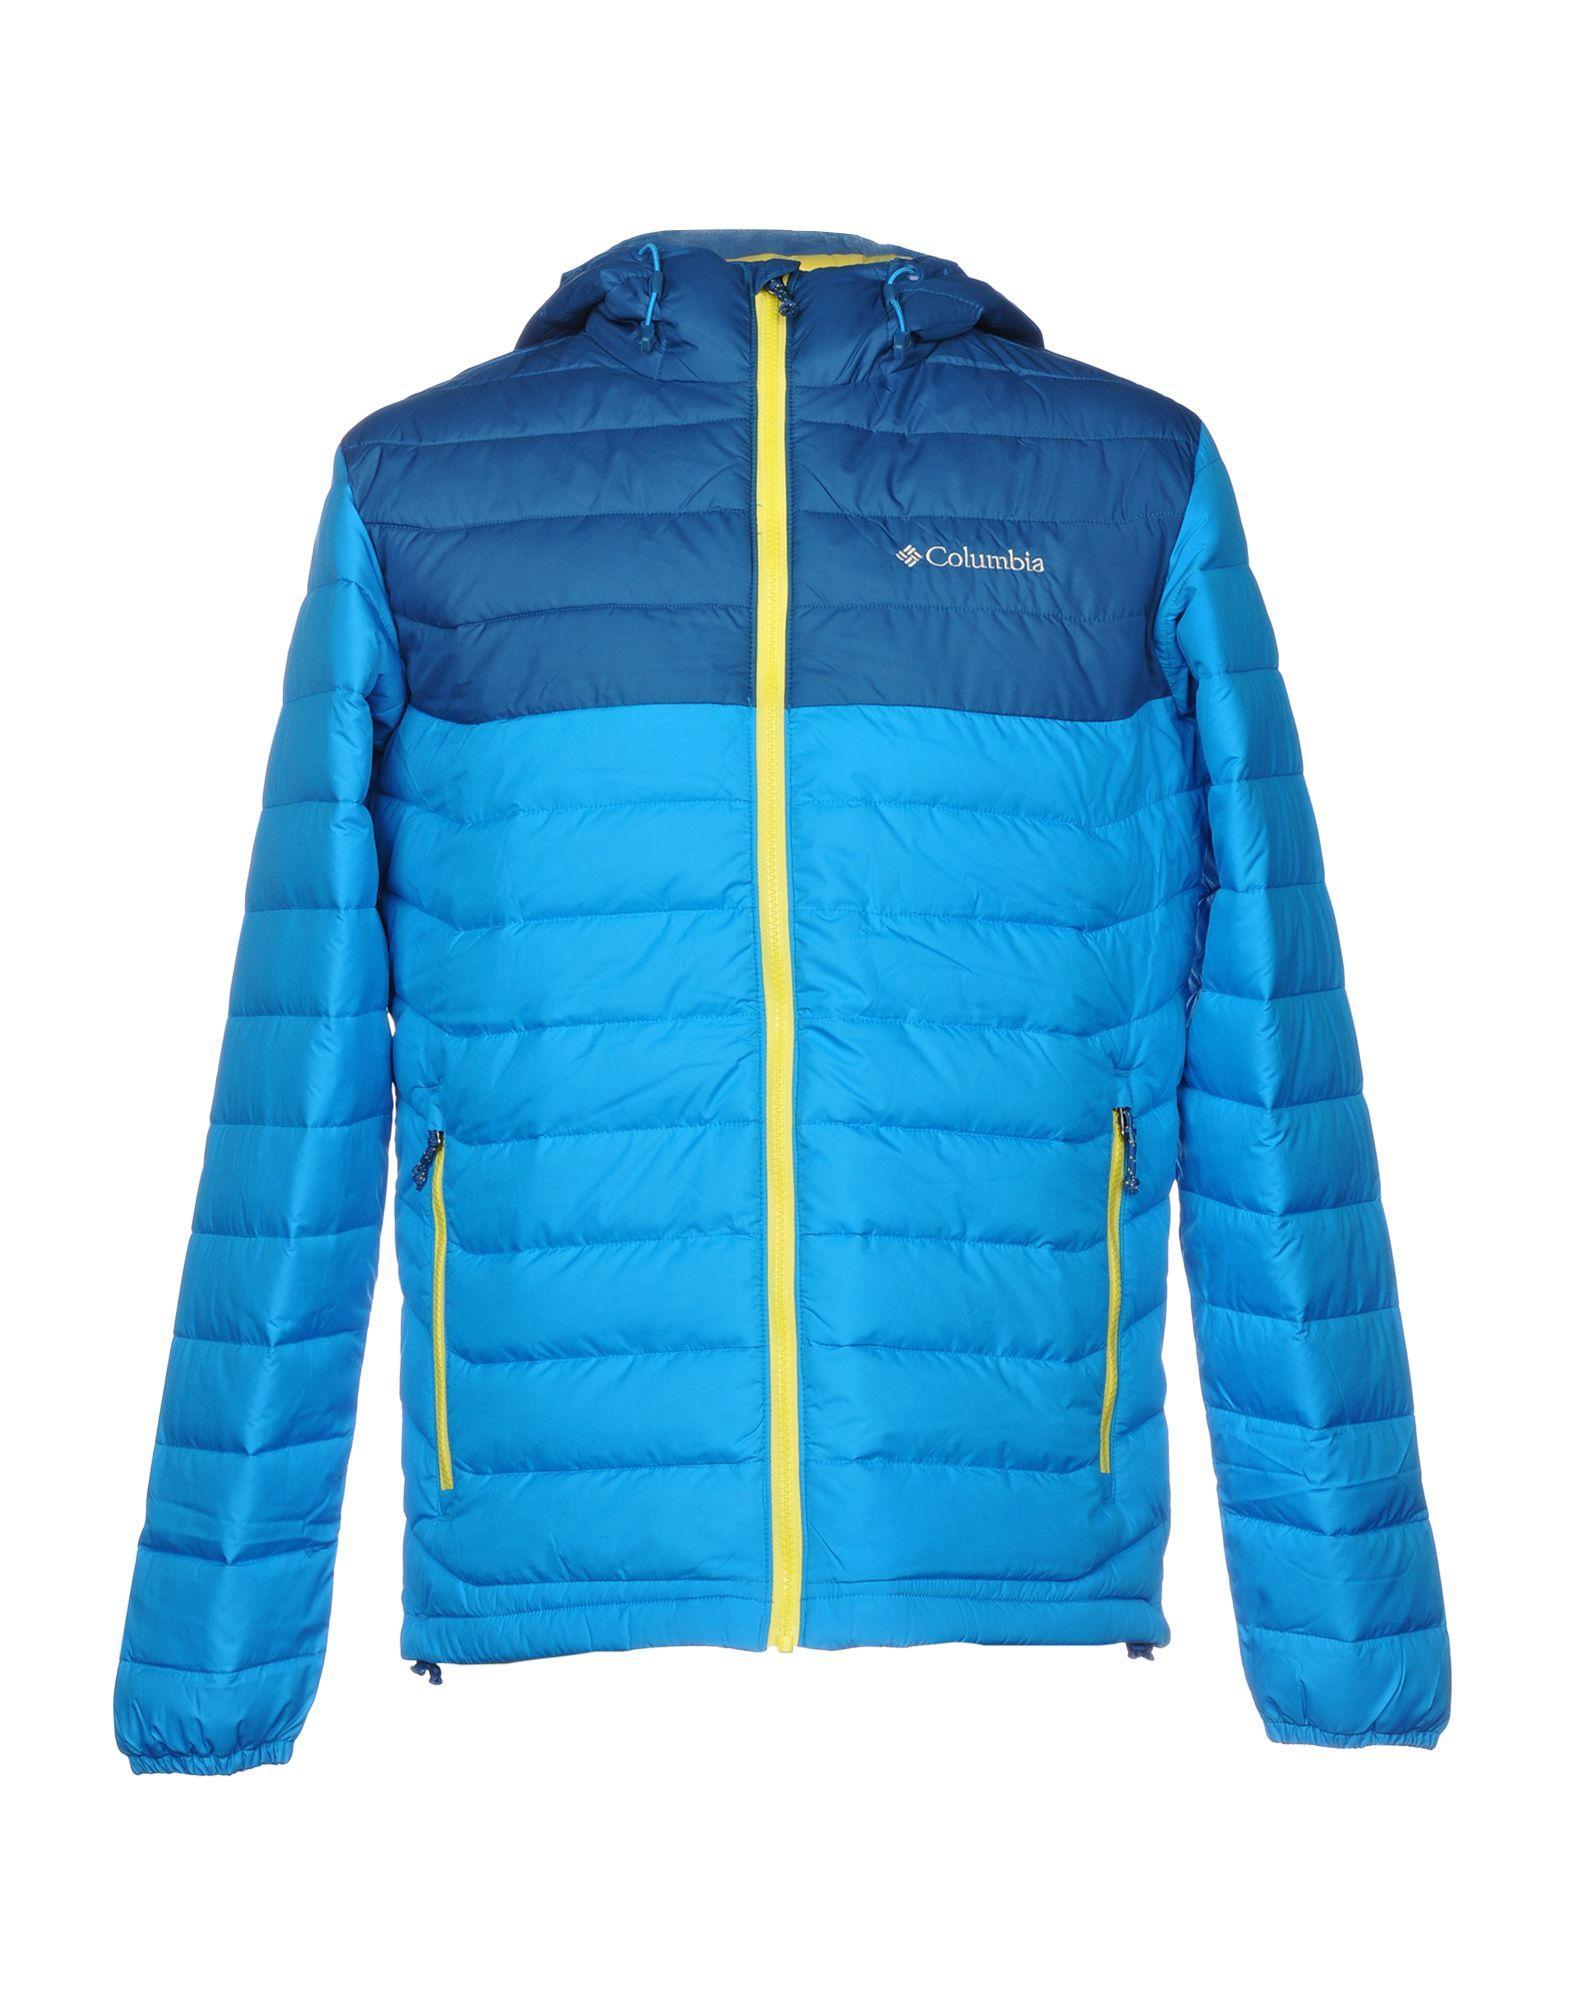 Columbia Jacket In Azure